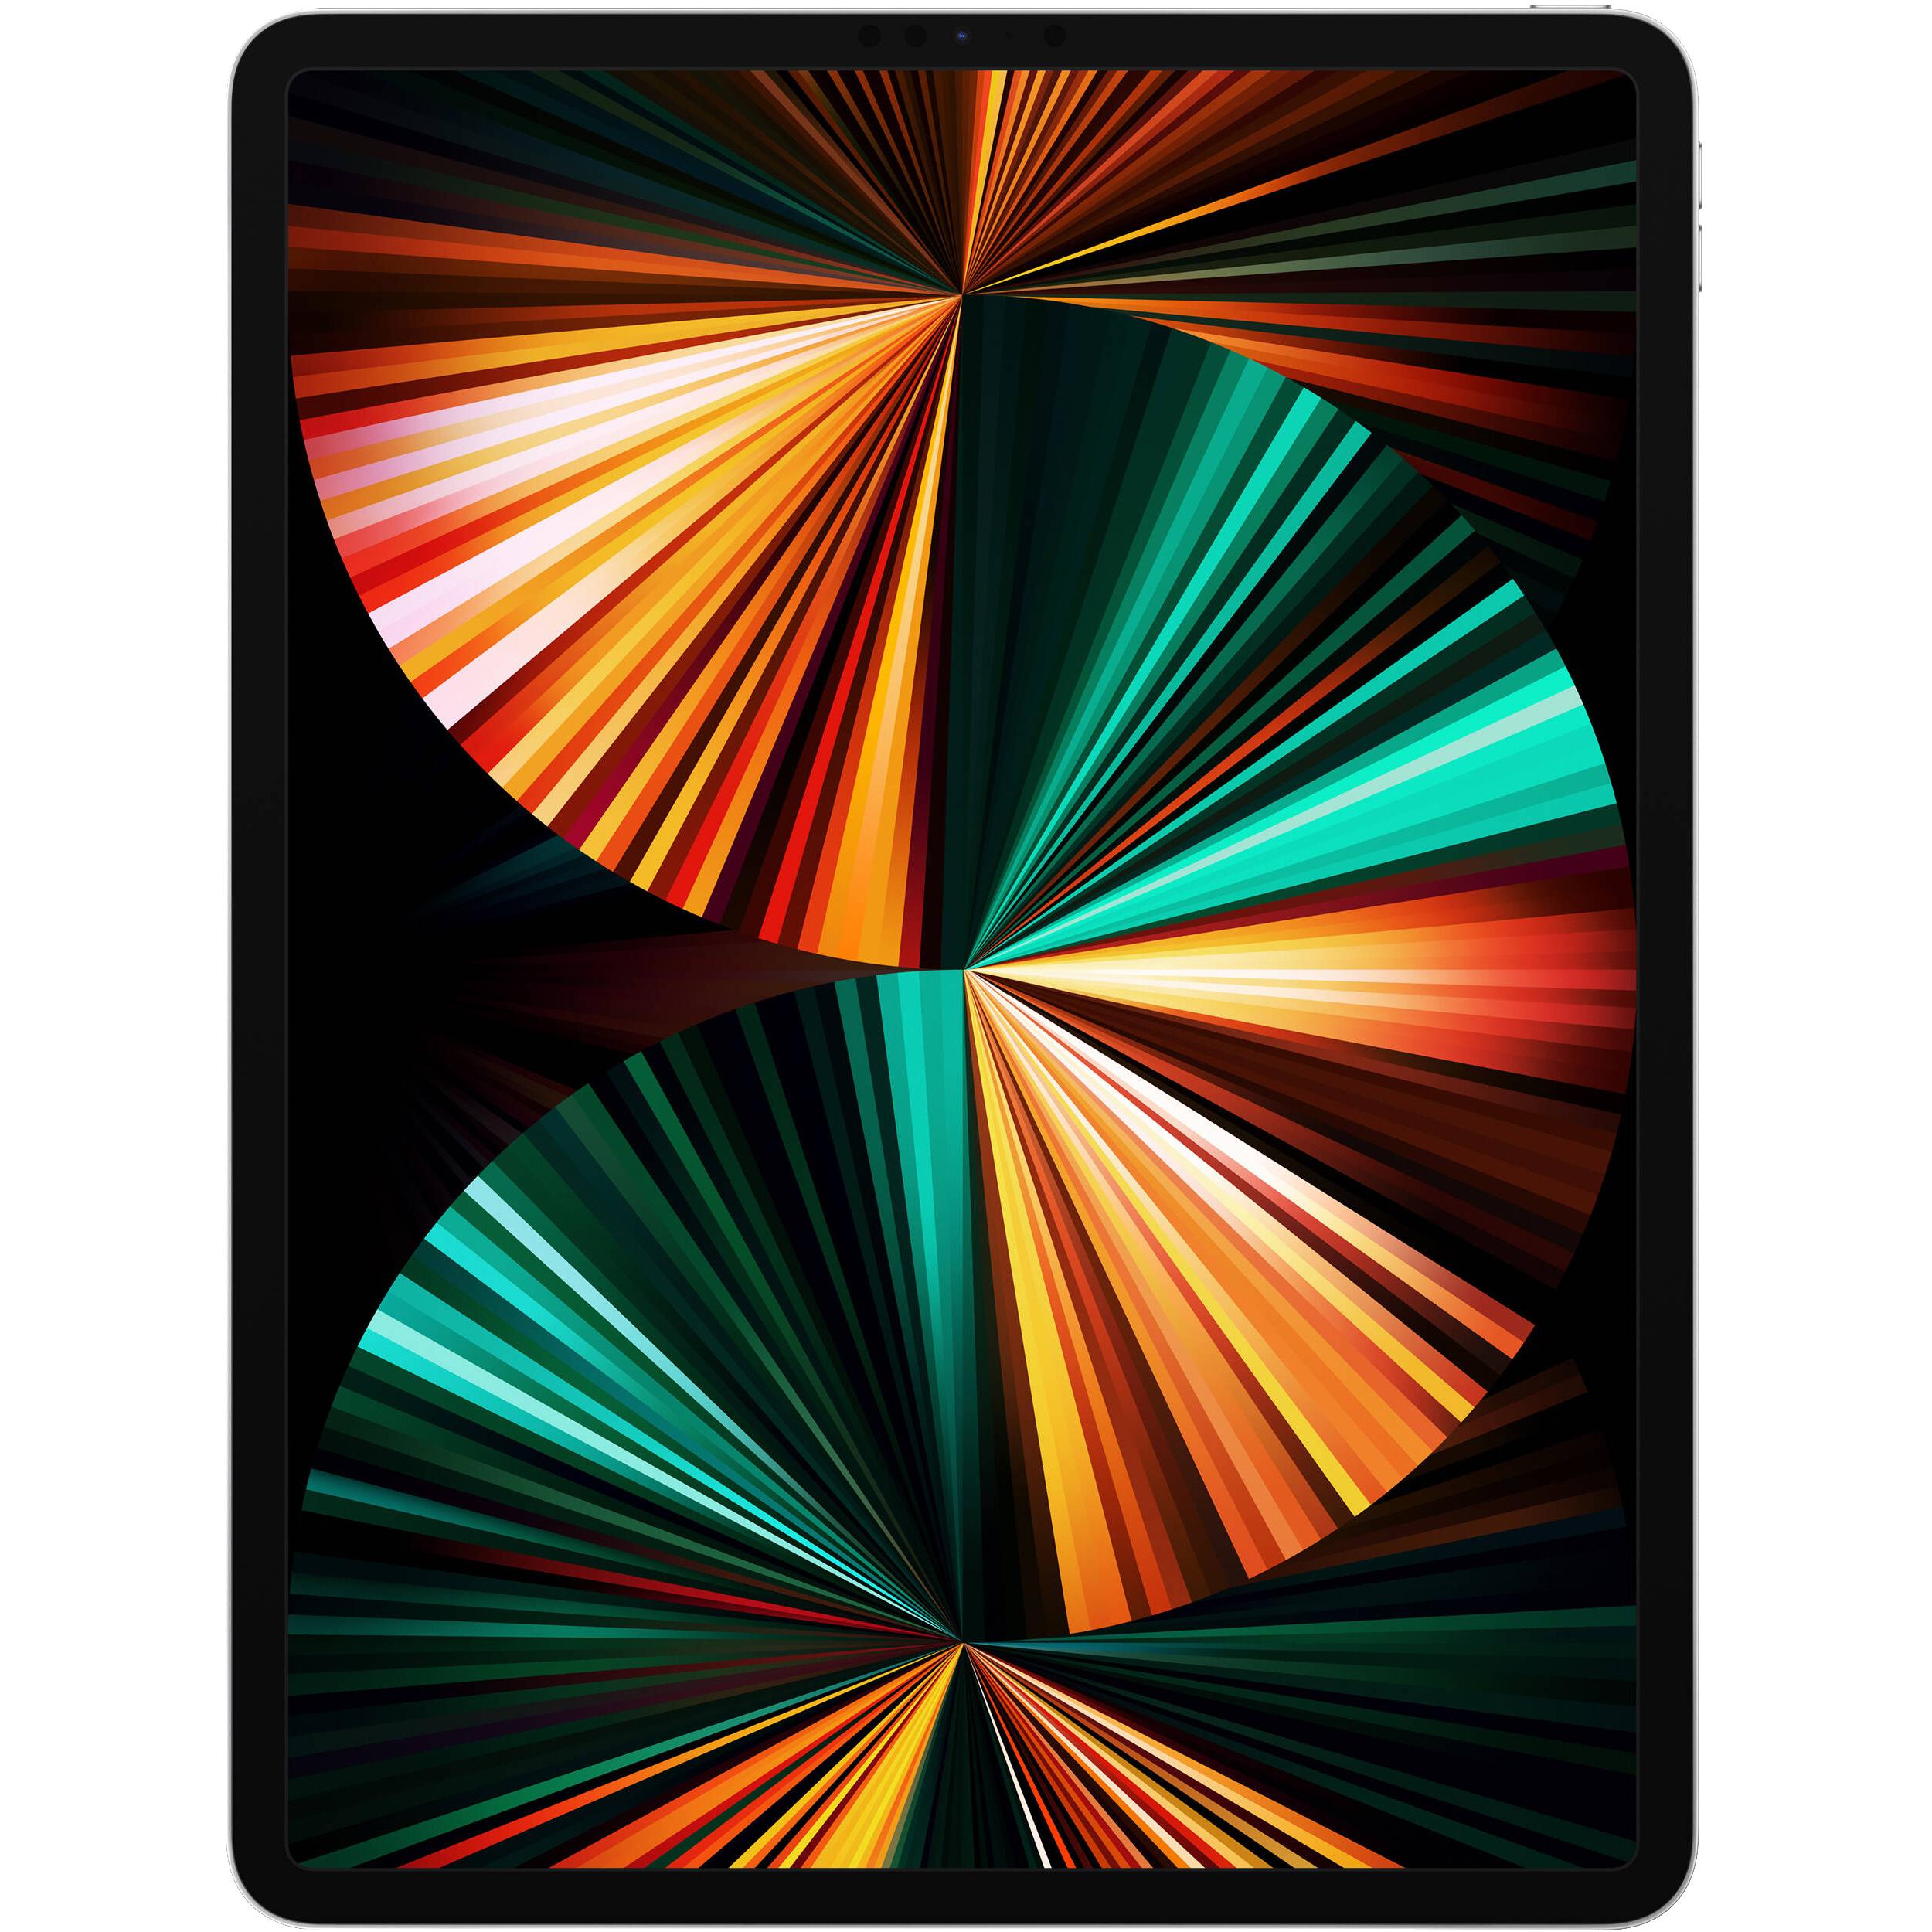 فروش نقدی و اقساطی تبلت اپل مدل iPad Pro 12.9 inch 2021 WiFi ظرفیت 128 گیگابایت